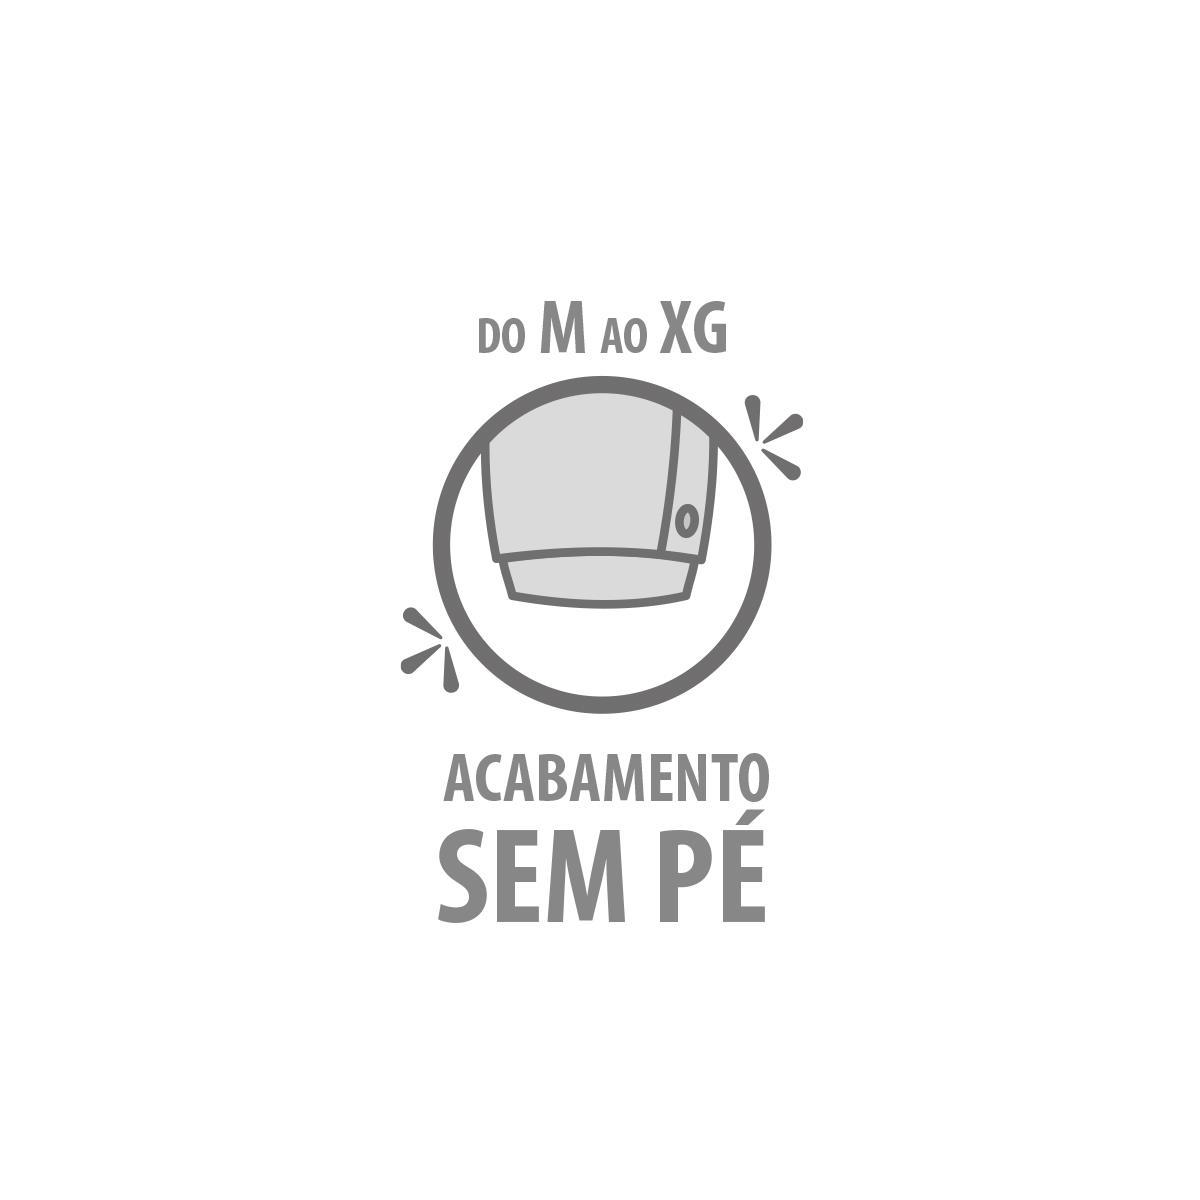 Macacão Plush Zíper Dino Marinho - Tamanhos RN e P com pezinho; M, G e XG sem pezinho  - Piu Blu